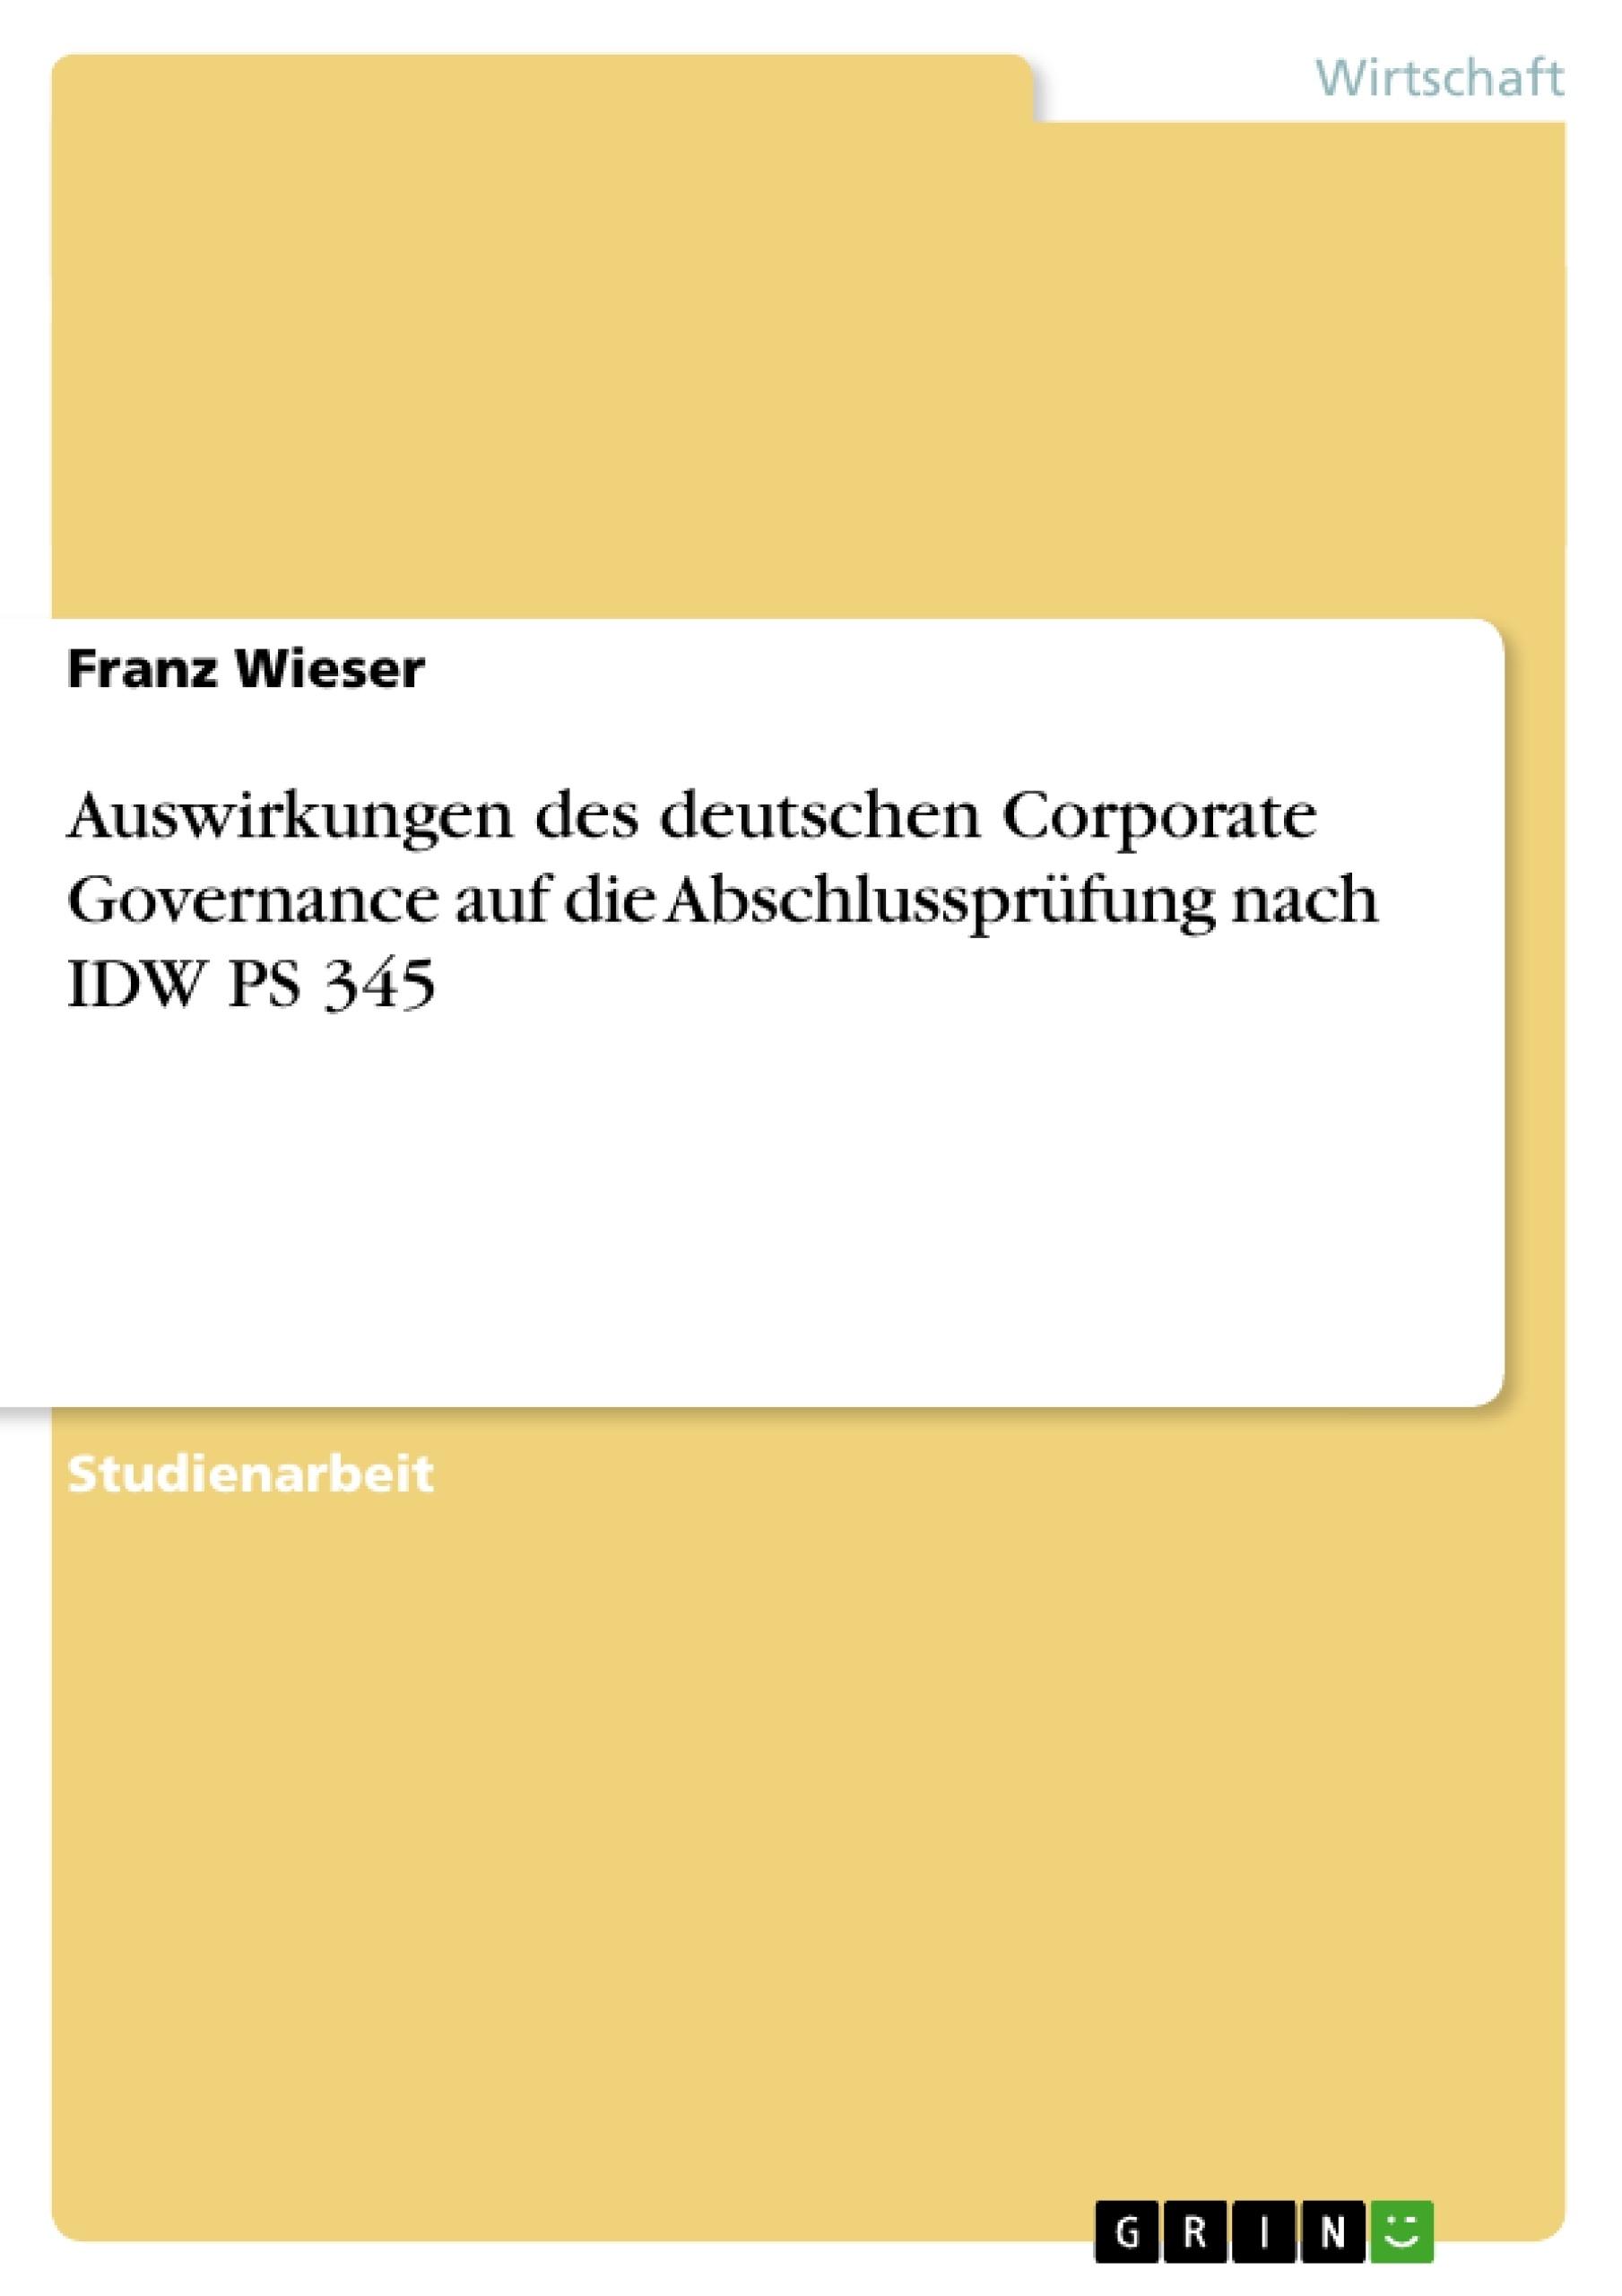 Titel: Auswirkungen des deutschen Corporate Governance auf die Abschlussprüfung nach IDW PS 345